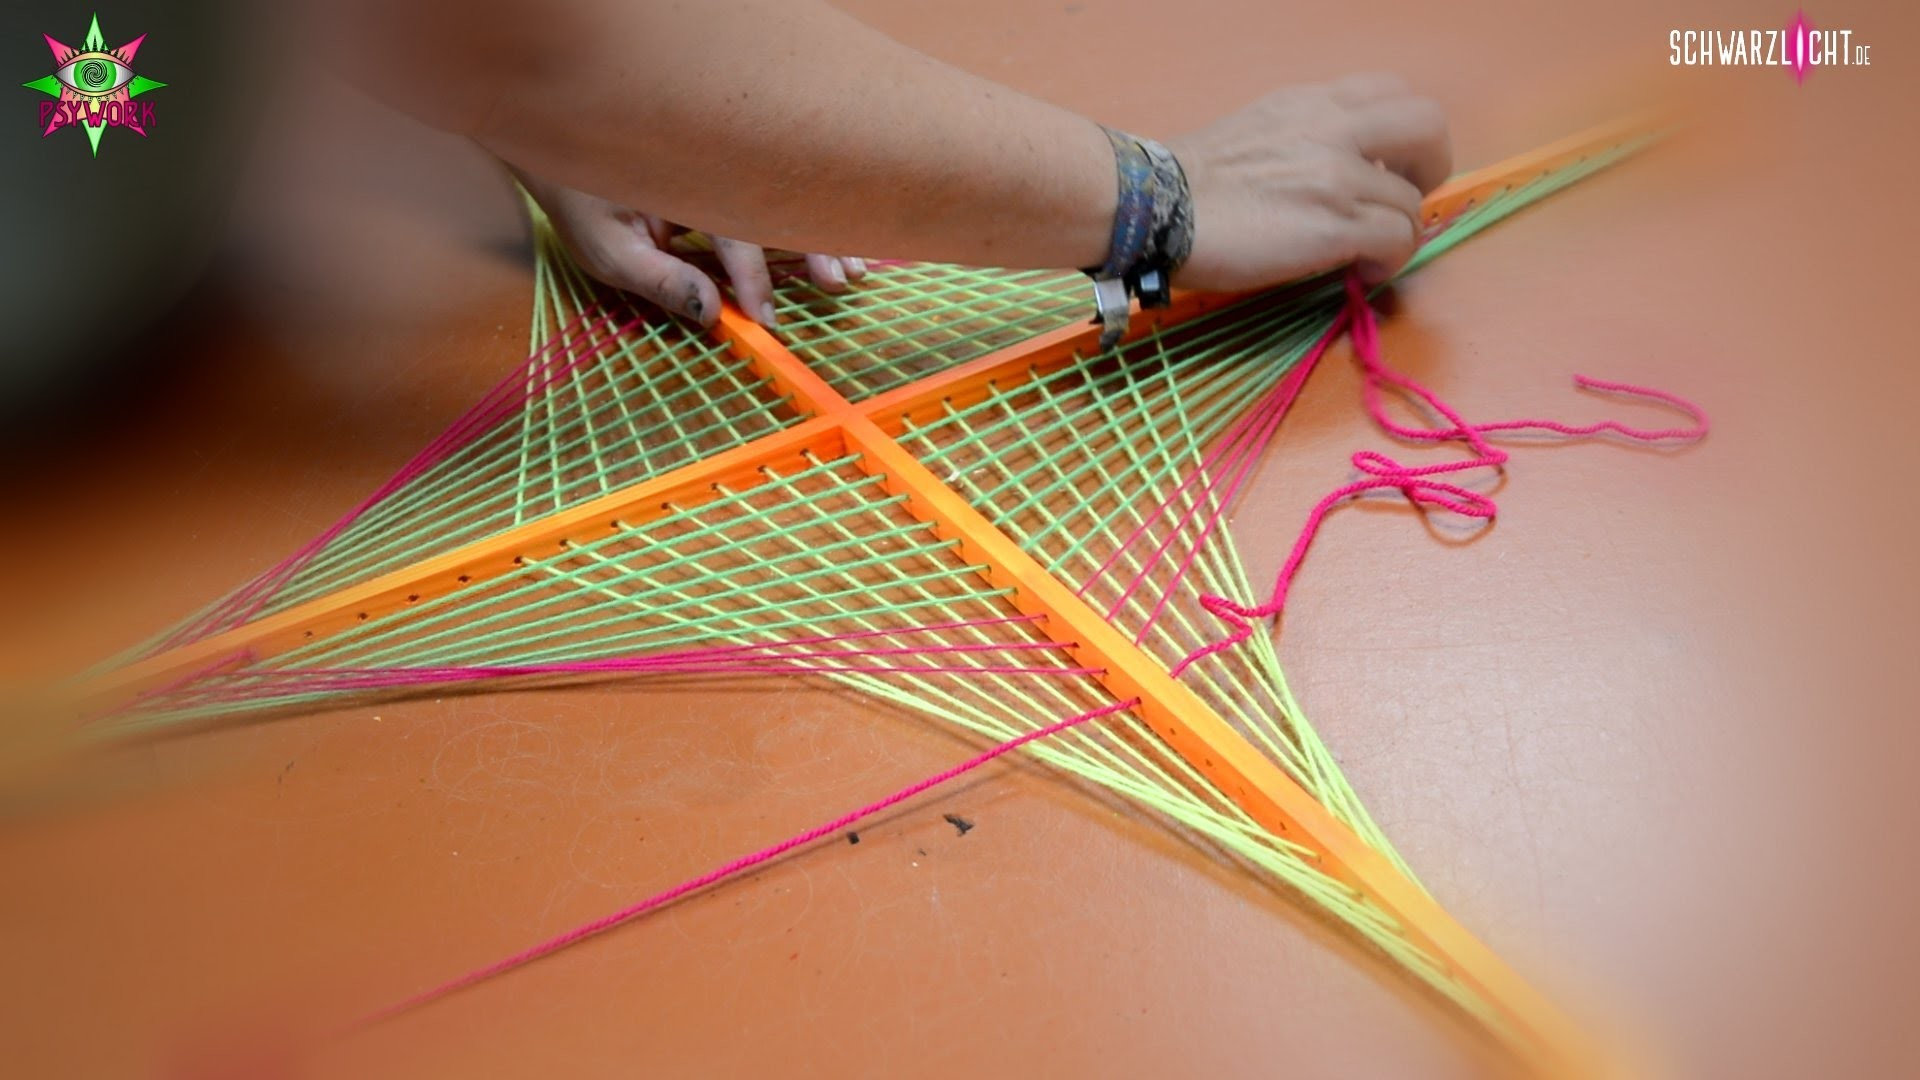 diy making of schwarzlicht stringart yarn art deko papagei by. Black Bedroom Furniture Sets. Home Design Ideas